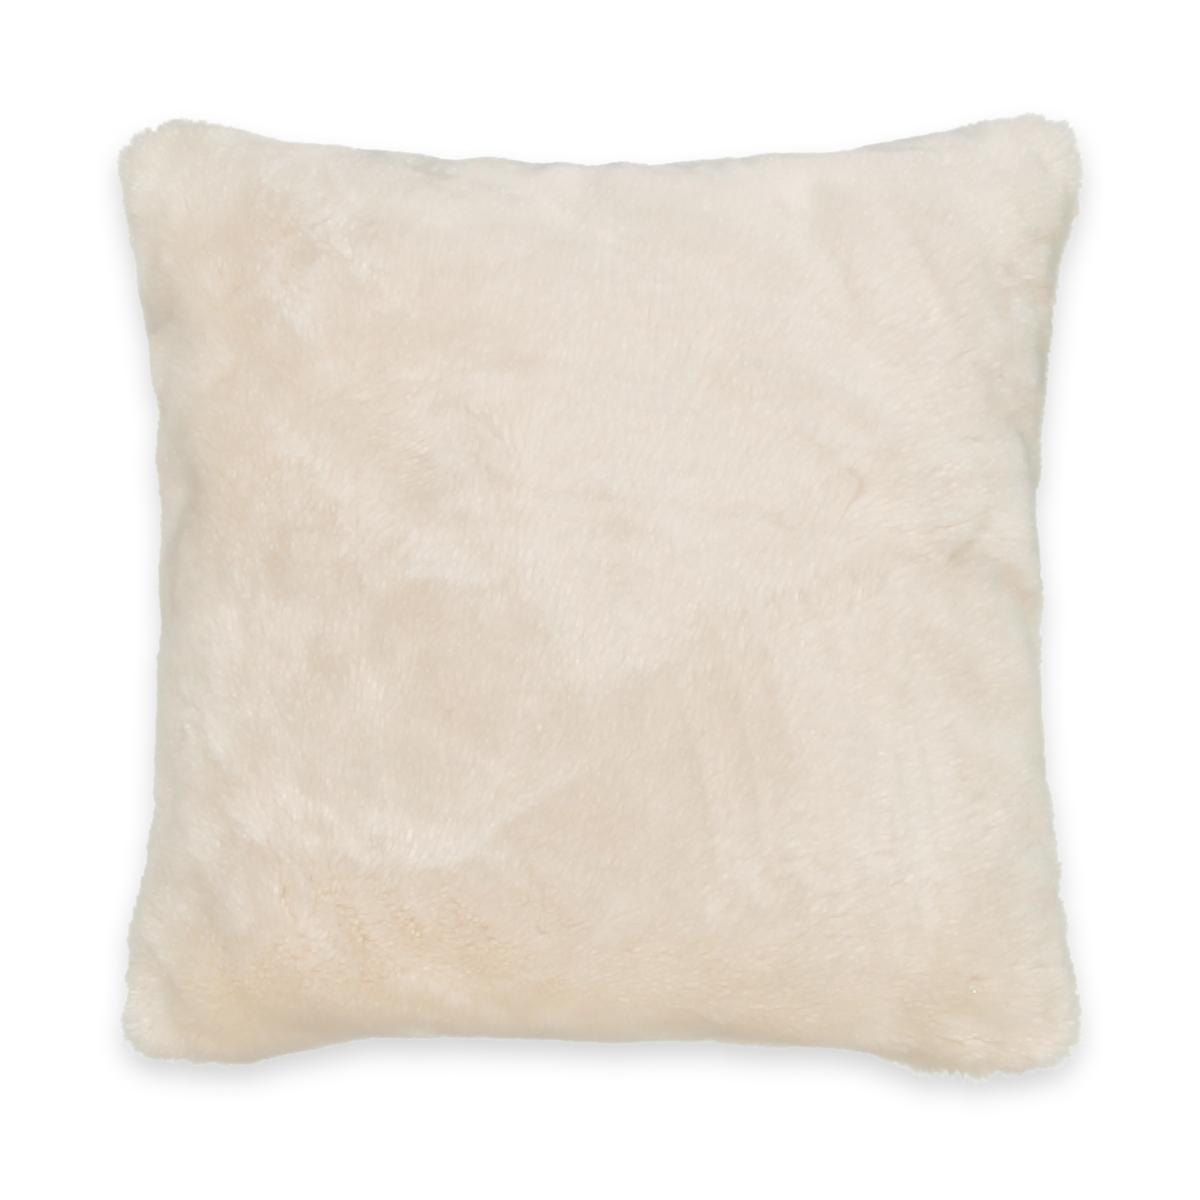 Чехол La Redoute Для подушки из искусственного меха KANPUR 50 x 30 см бежевый льняной la redoute чехол для подушки georgette 50 x 30 см желтый